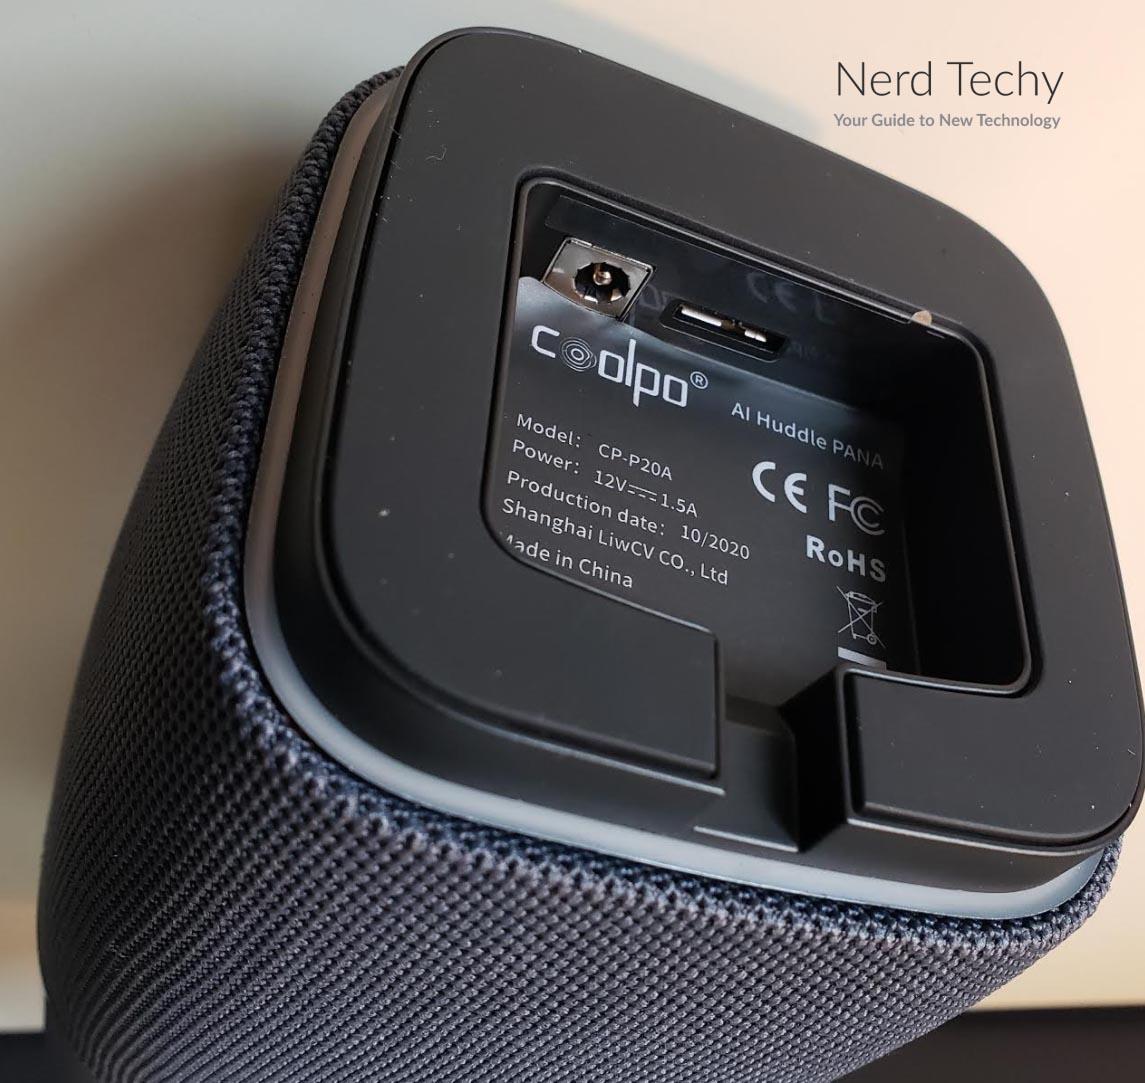 Coolpo Video Conference Camera